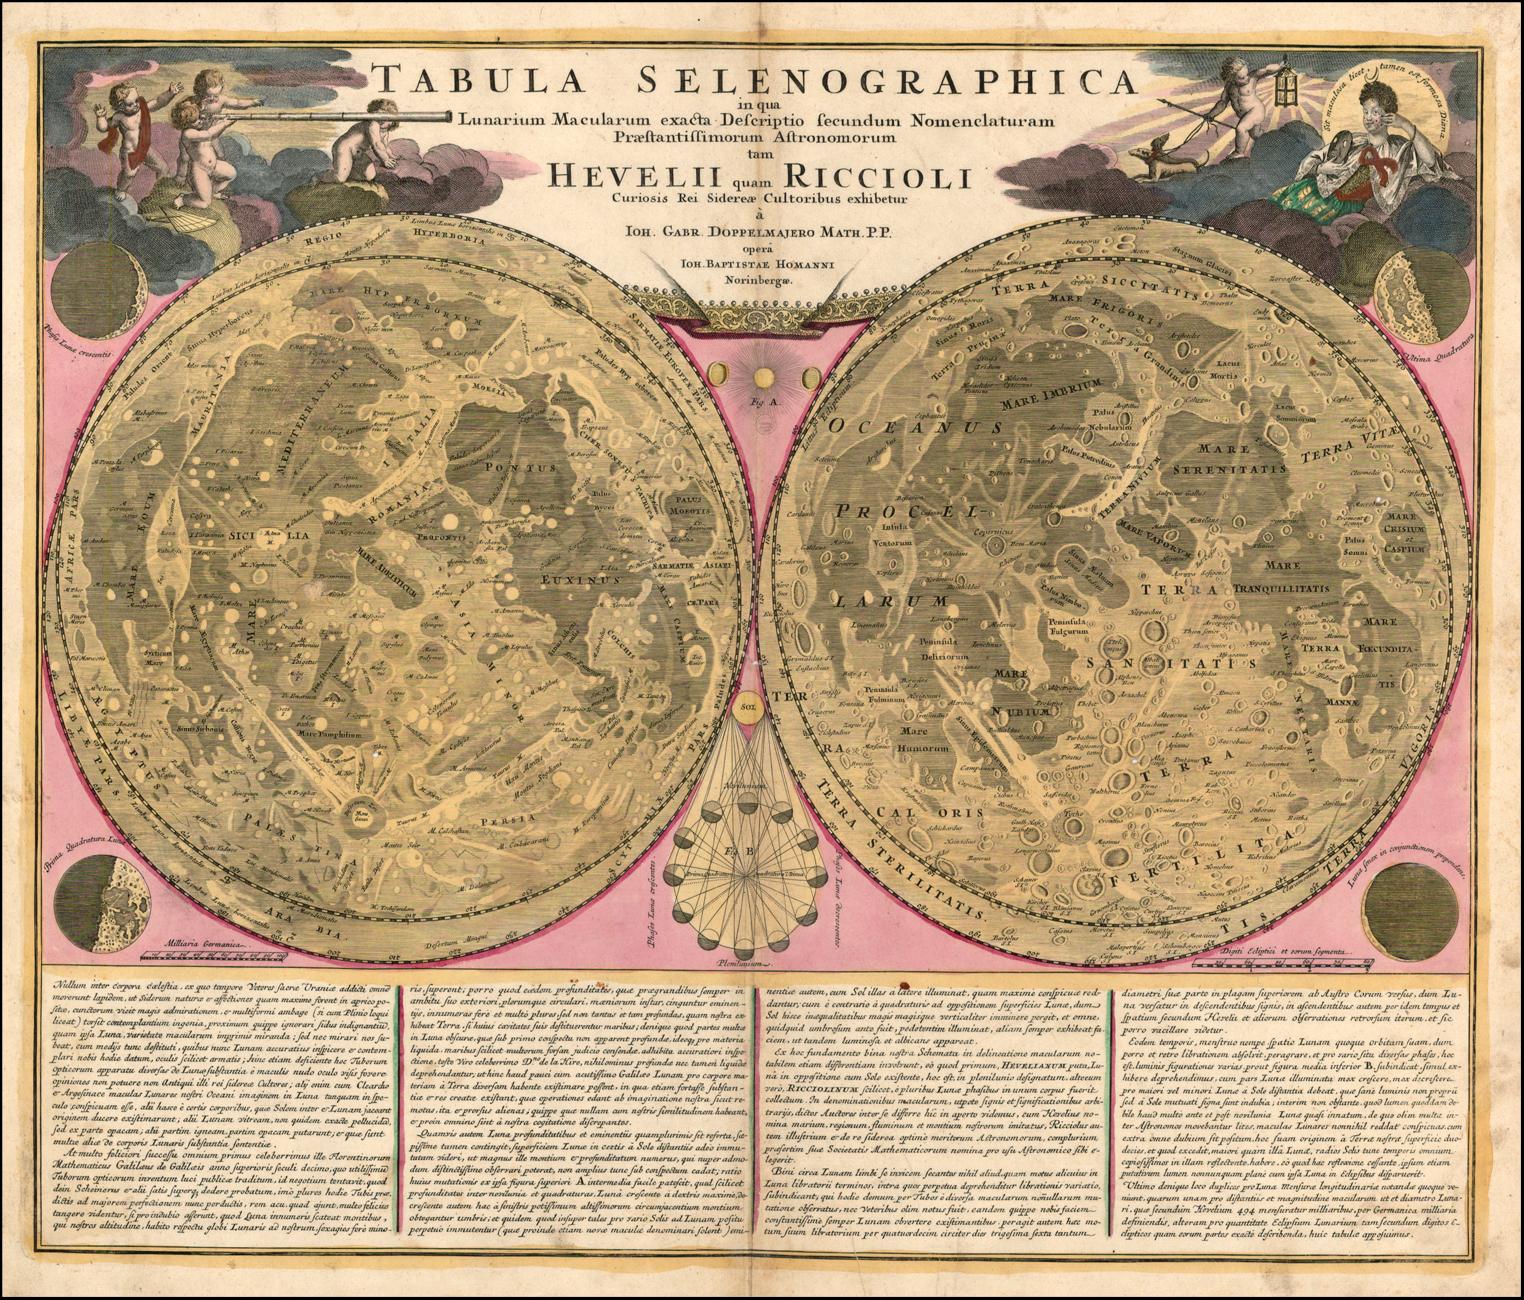 Tesori d'archivio: il museo online delle mappe planetarie